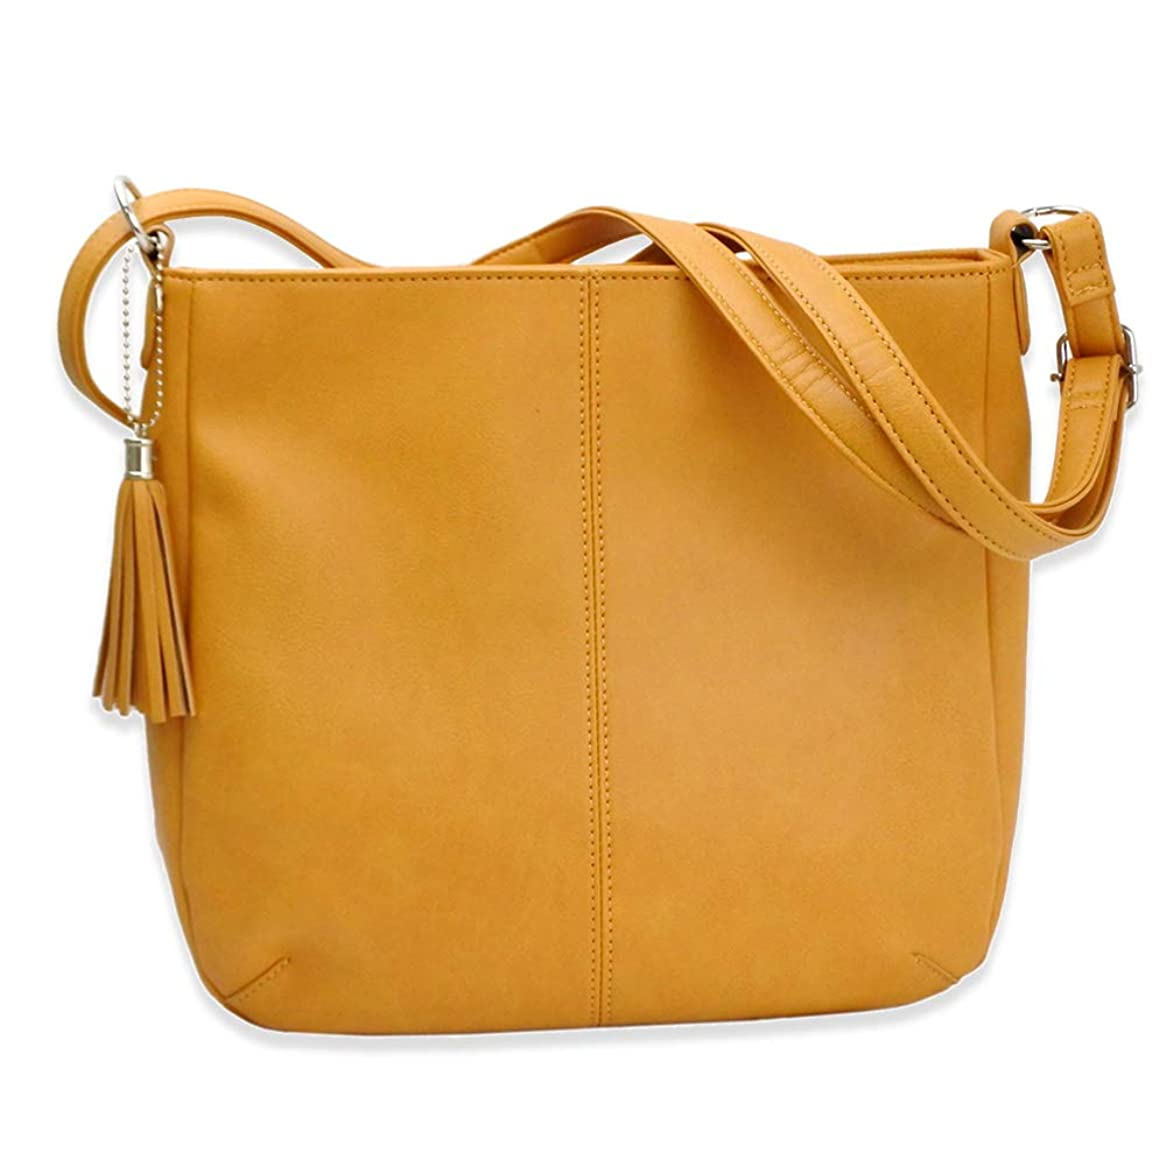 感覚ネックレット周辺ポシェット レディース 斜めがけ 軽い ブランド 可愛い 通勤 無地 人気 ショルダーバッグ